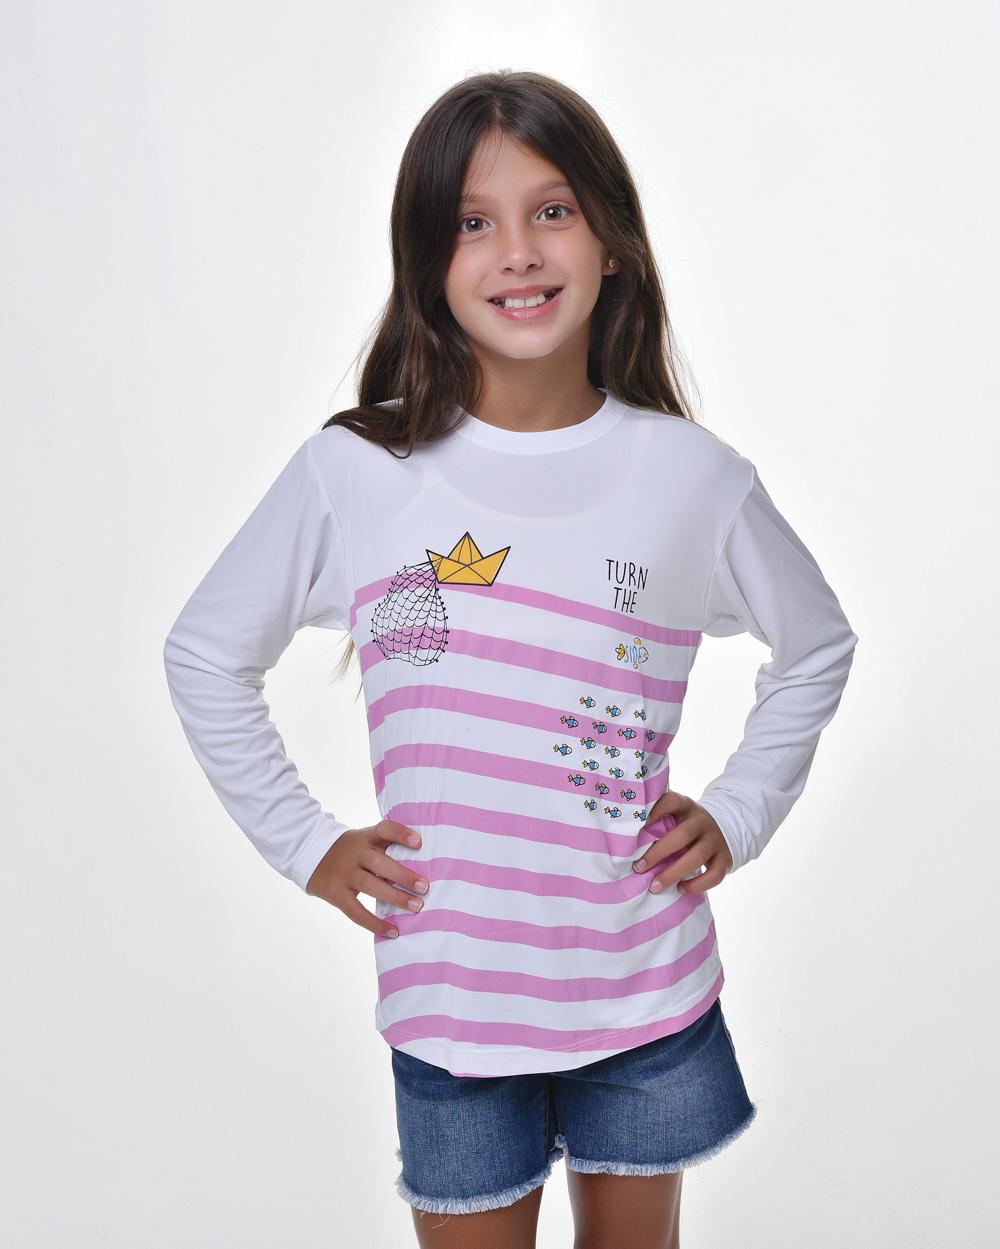 Camiseta Infantil Proteção Solar - Pedro, Tiago e João no Barquinho - FPS50+